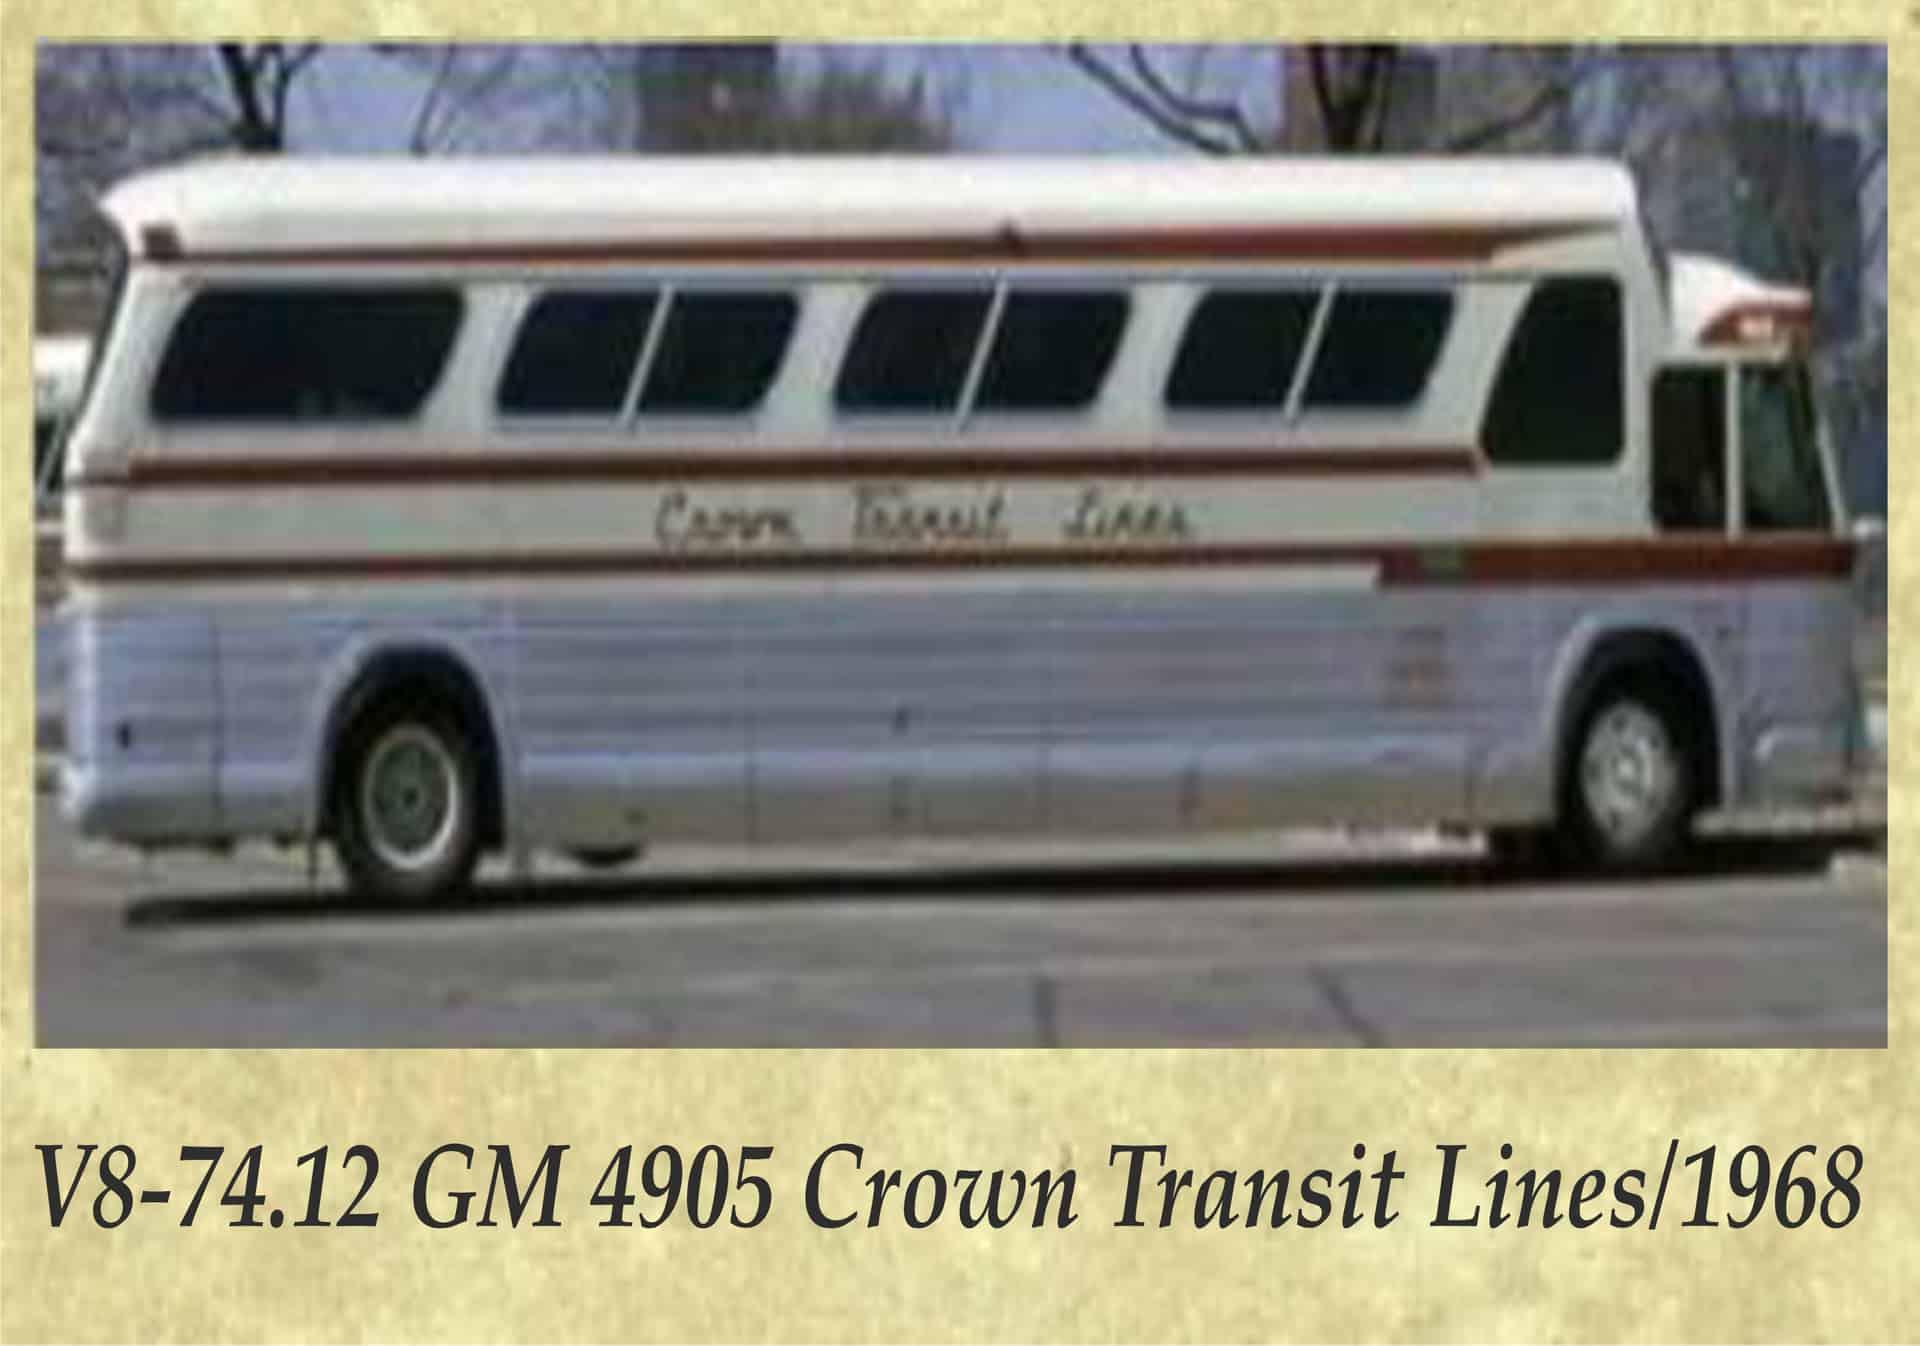 V8-74.12 GM 4905 Crown Transit Lines 1968